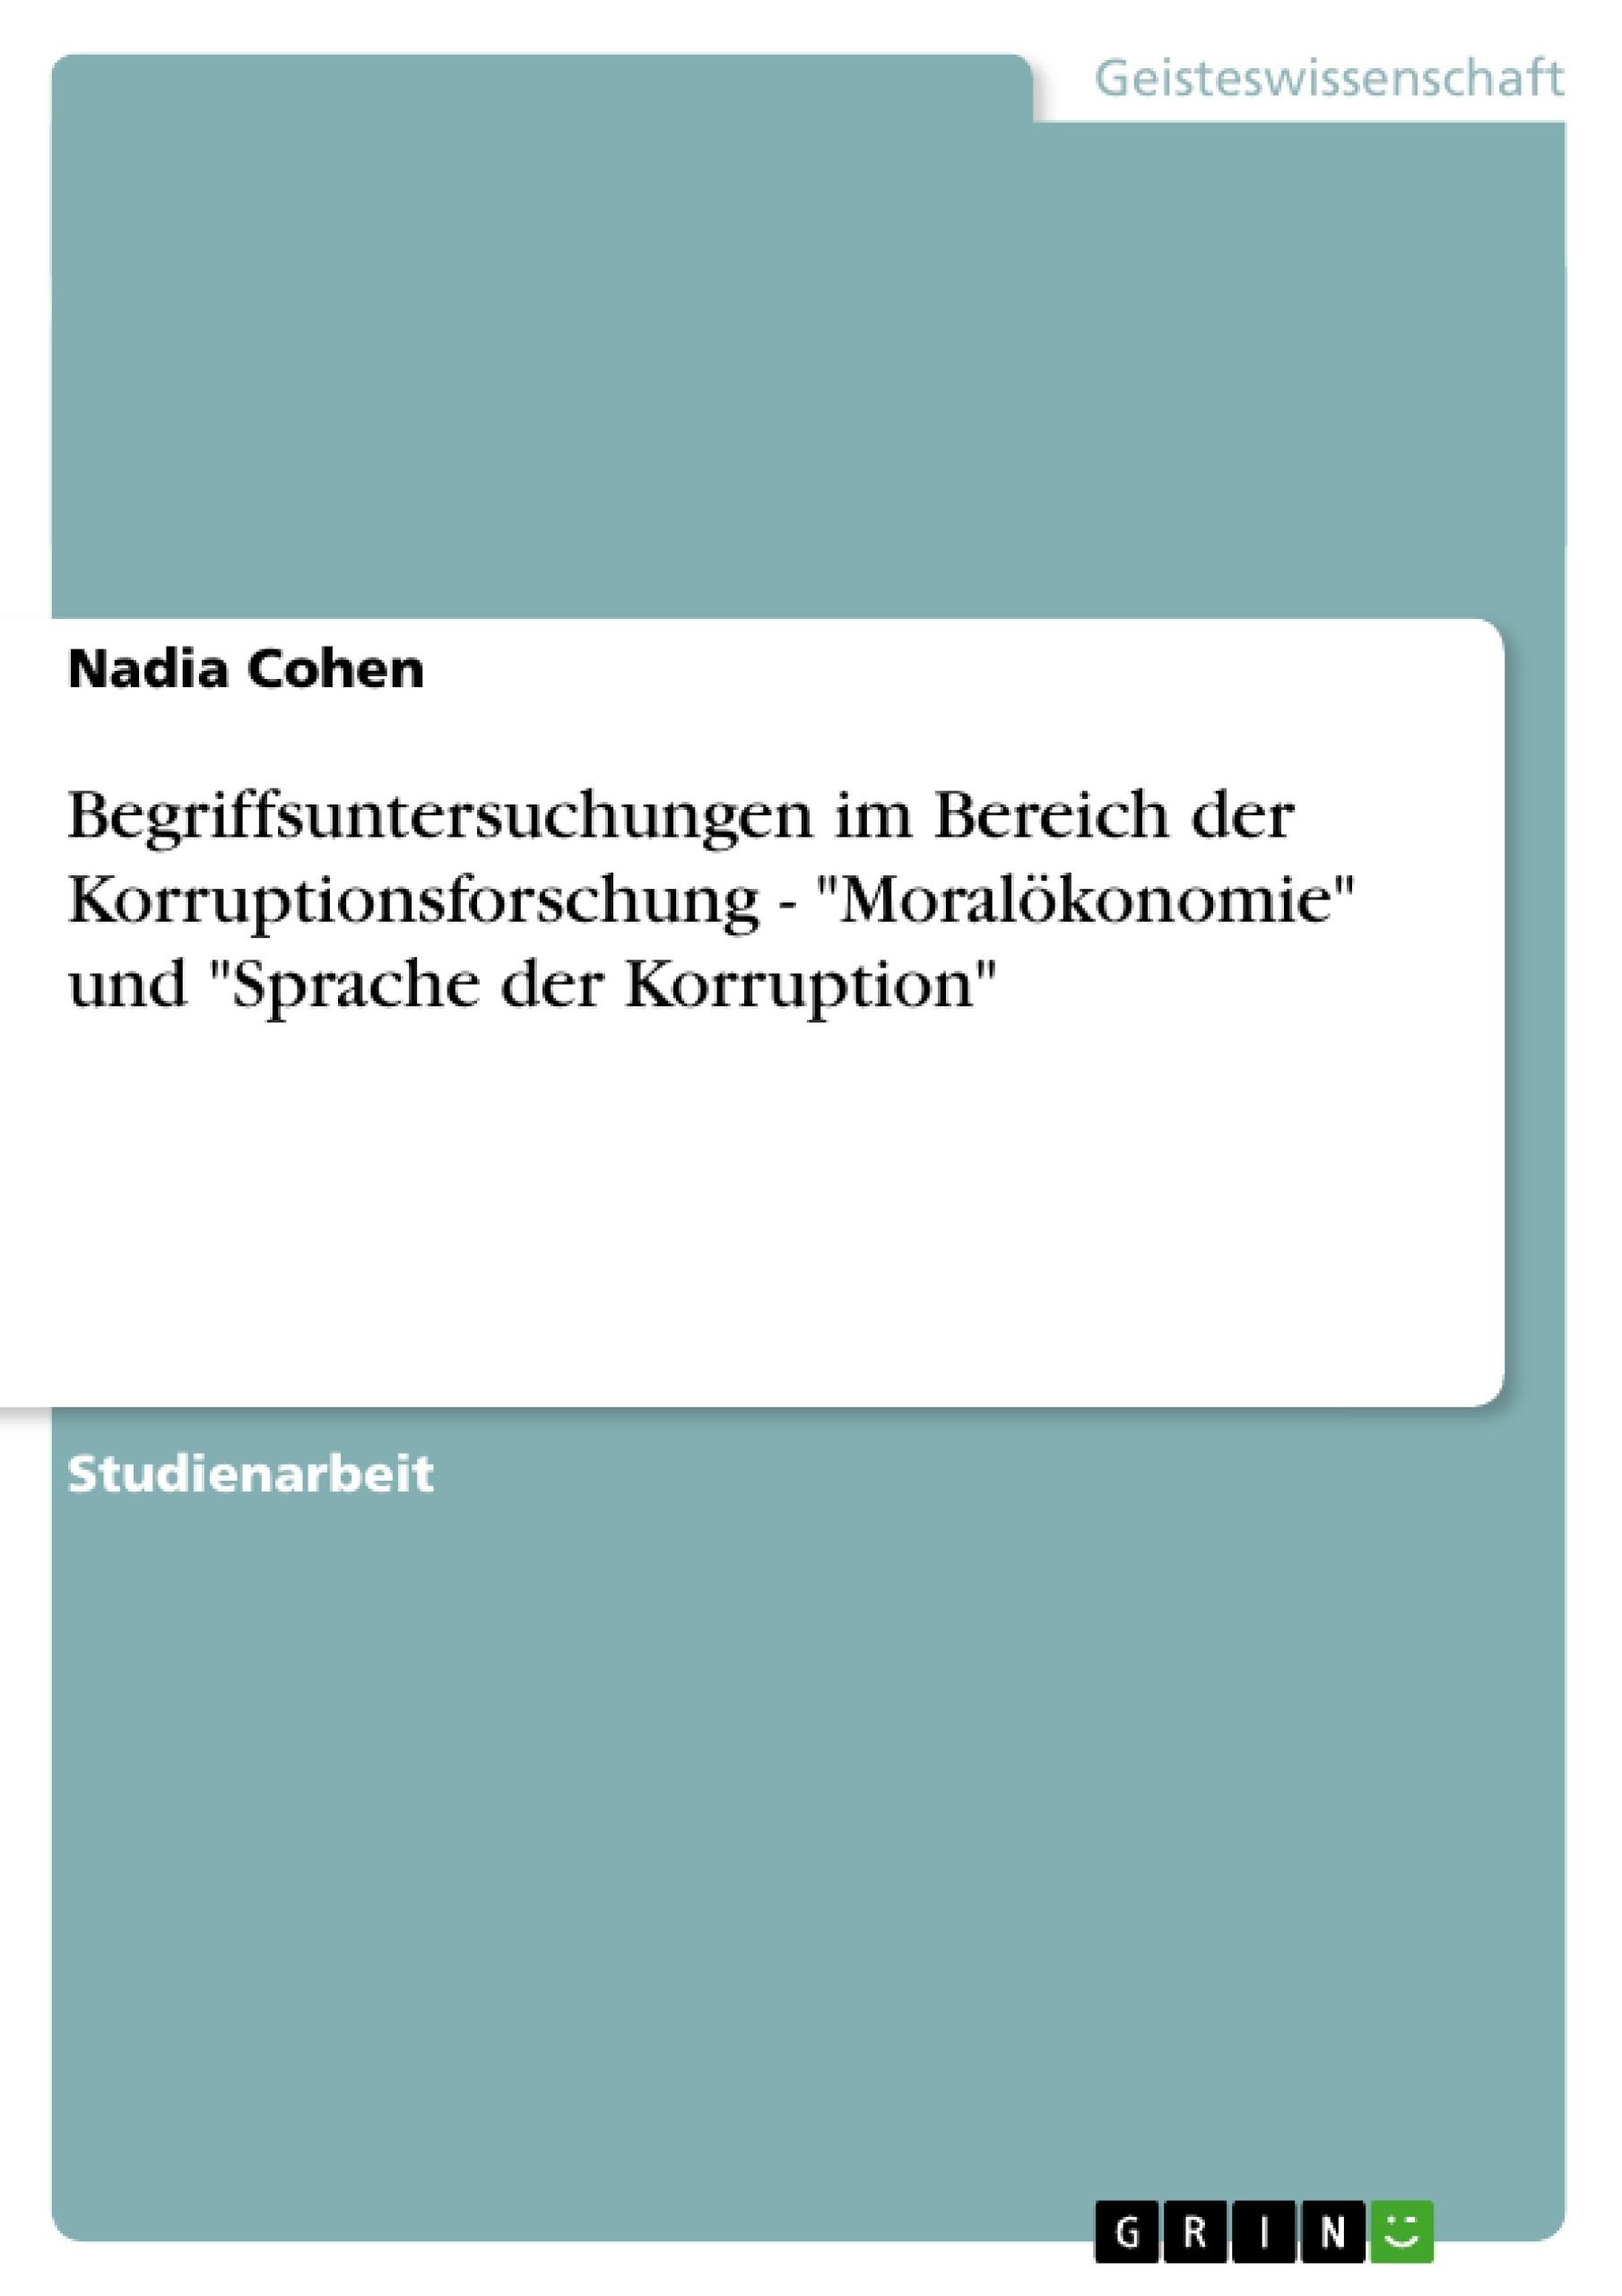 """Titel: Begriffsuntersuchungen im Bereich der Korruptionsforschung - """"Moralökonomie"""" und """"Sprache der Korruption"""""""